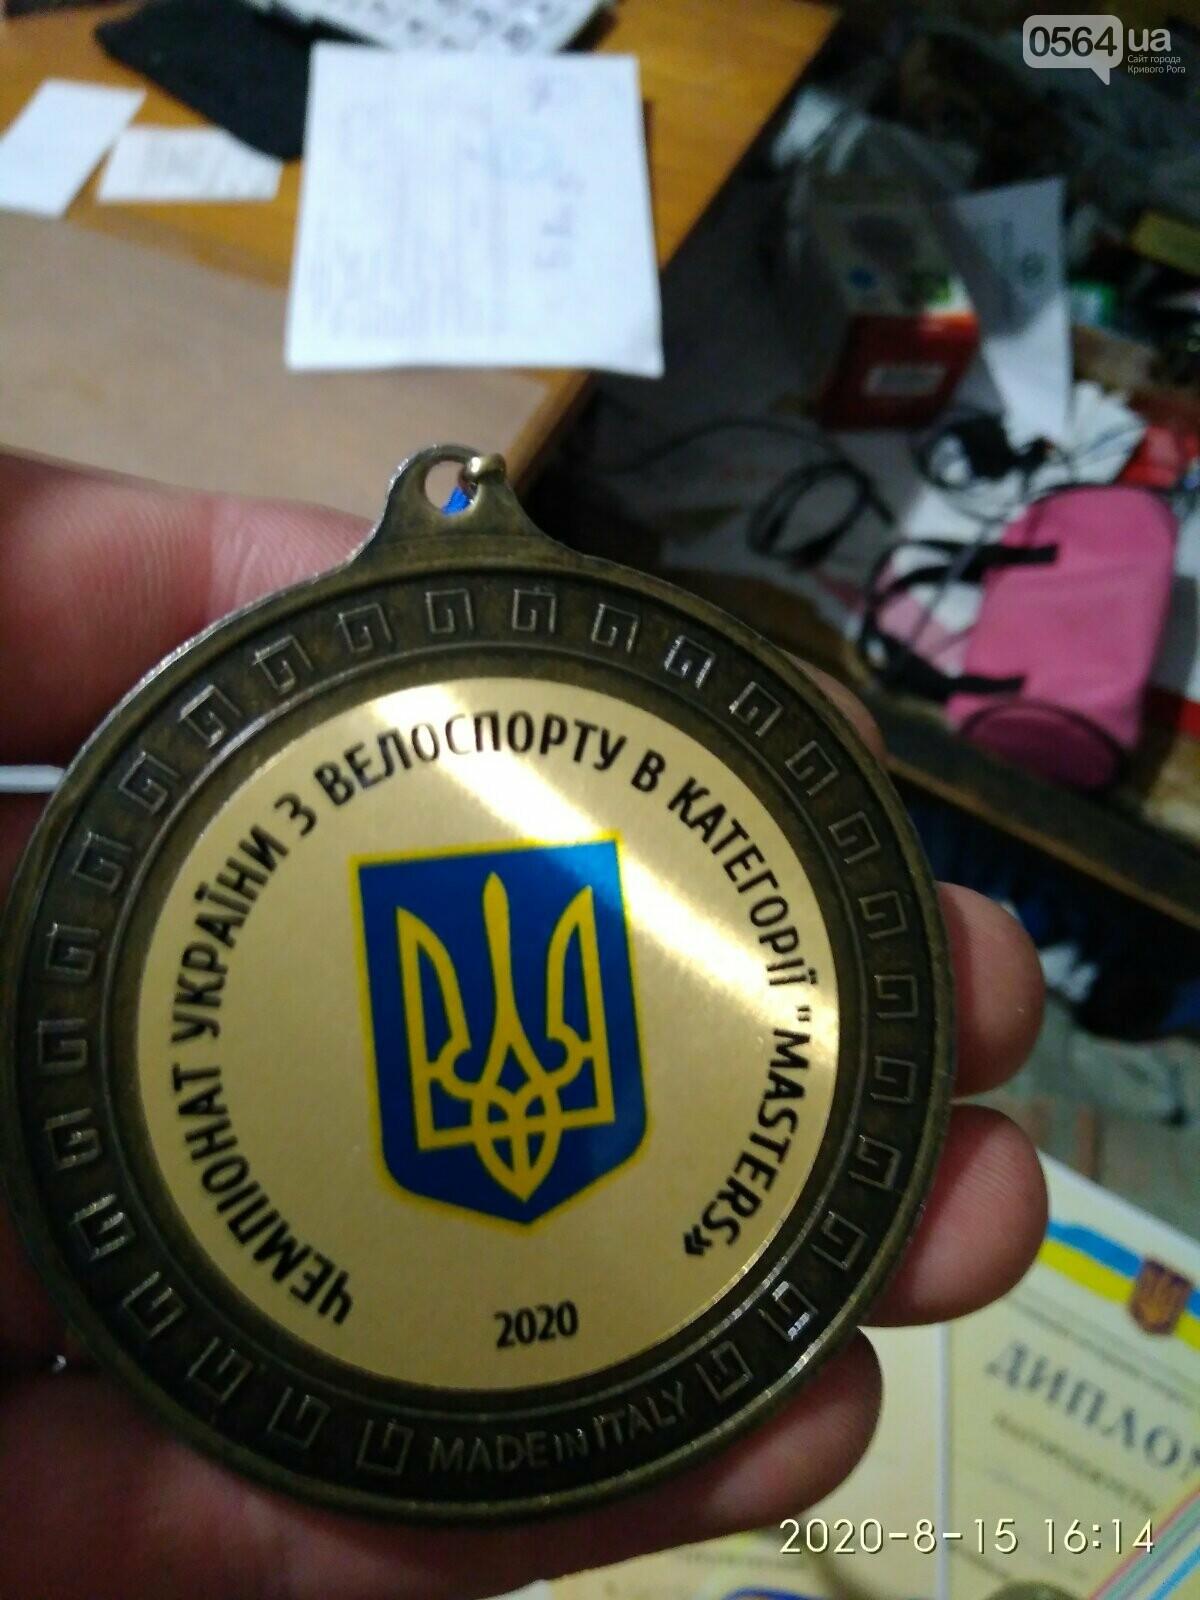 Велогонщики из Кривого Рога стали лучшими на чемпионате Украины среди ветеранов, - ФОТО, фото-11